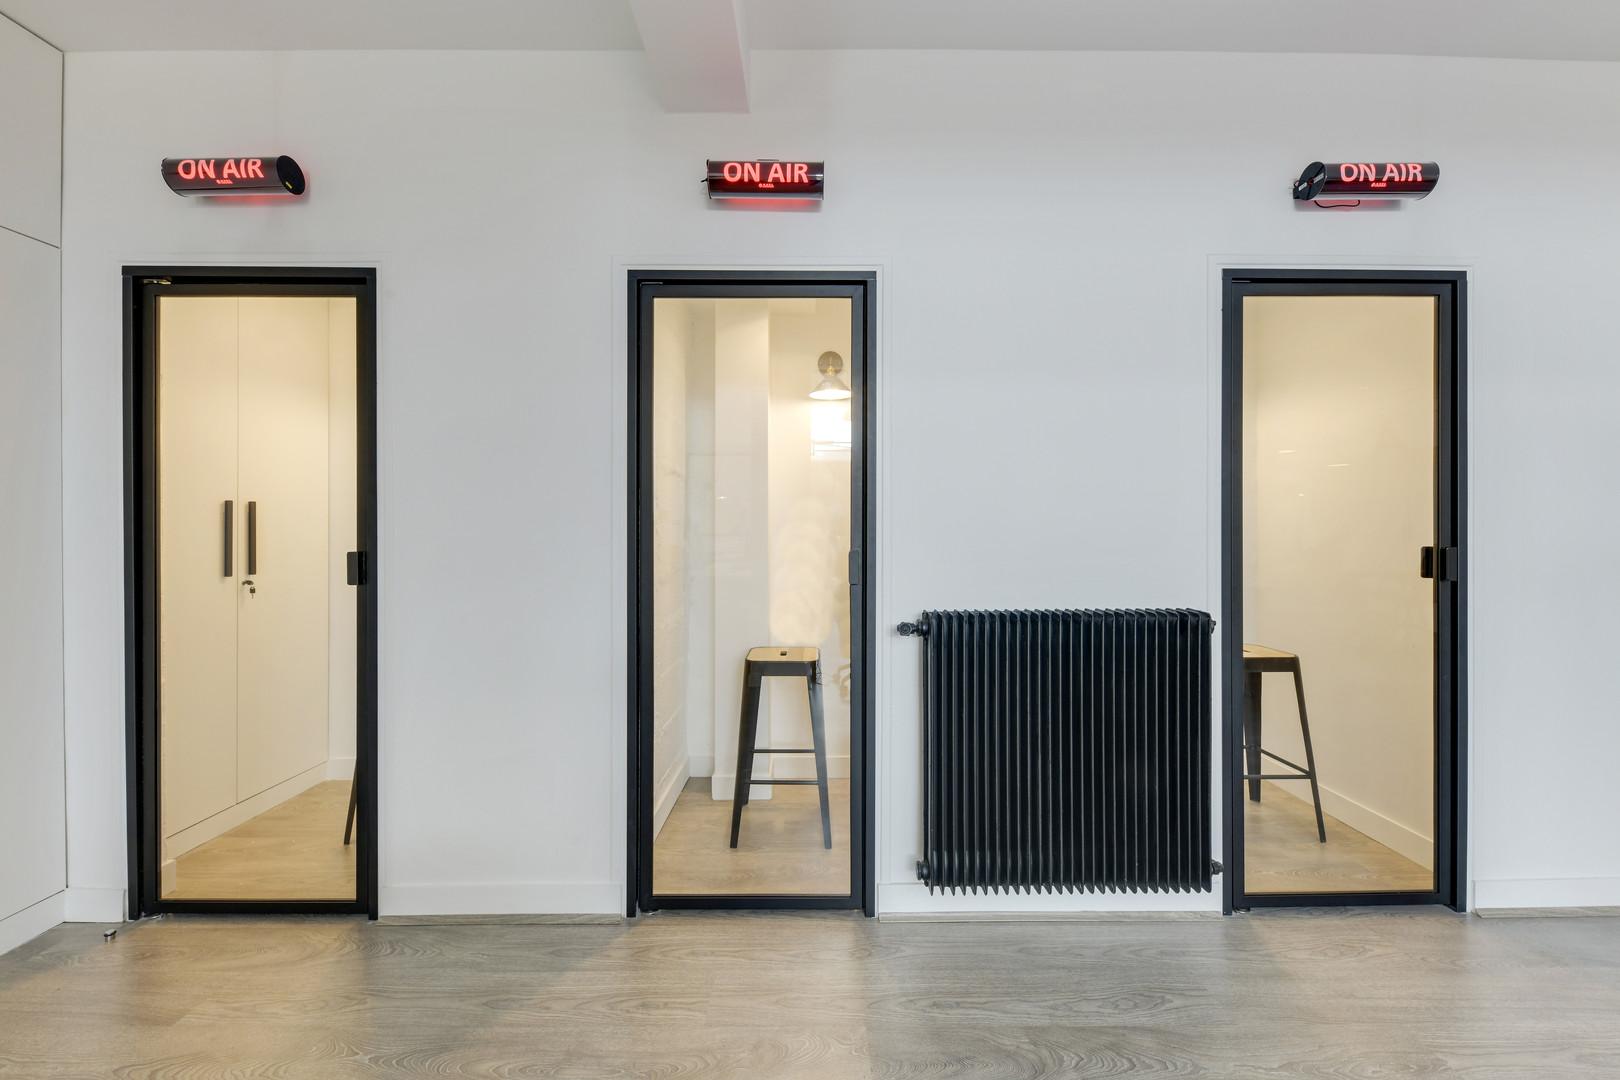 Phonebooths qui permettent de s'isoler pour garantir la confidentialité et des échanges et un faible volume solaire dans l'espace de coworking